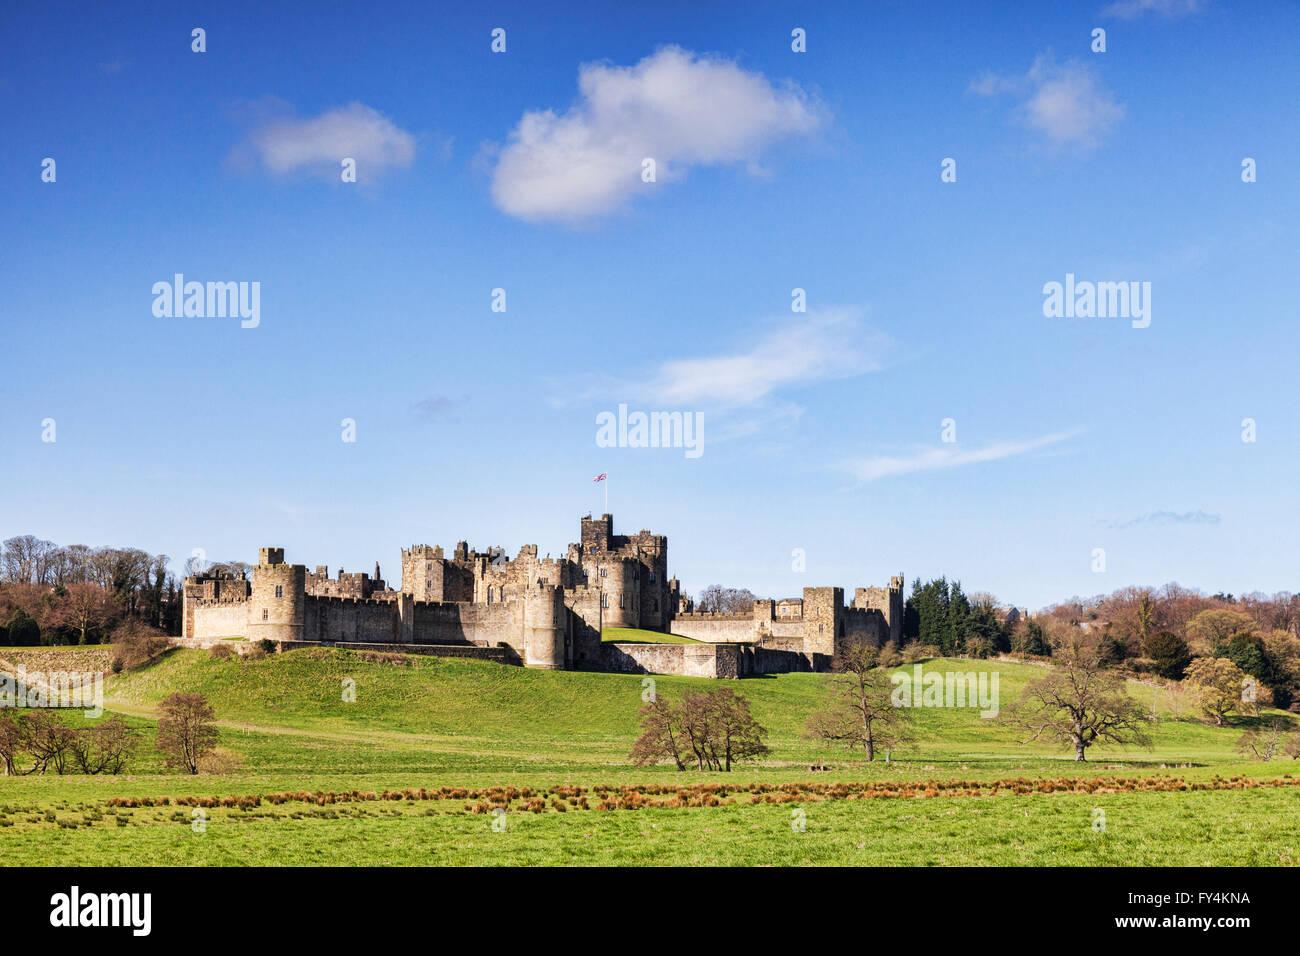 Alnwick Castle, Northumberland, England, UK - Stock Image